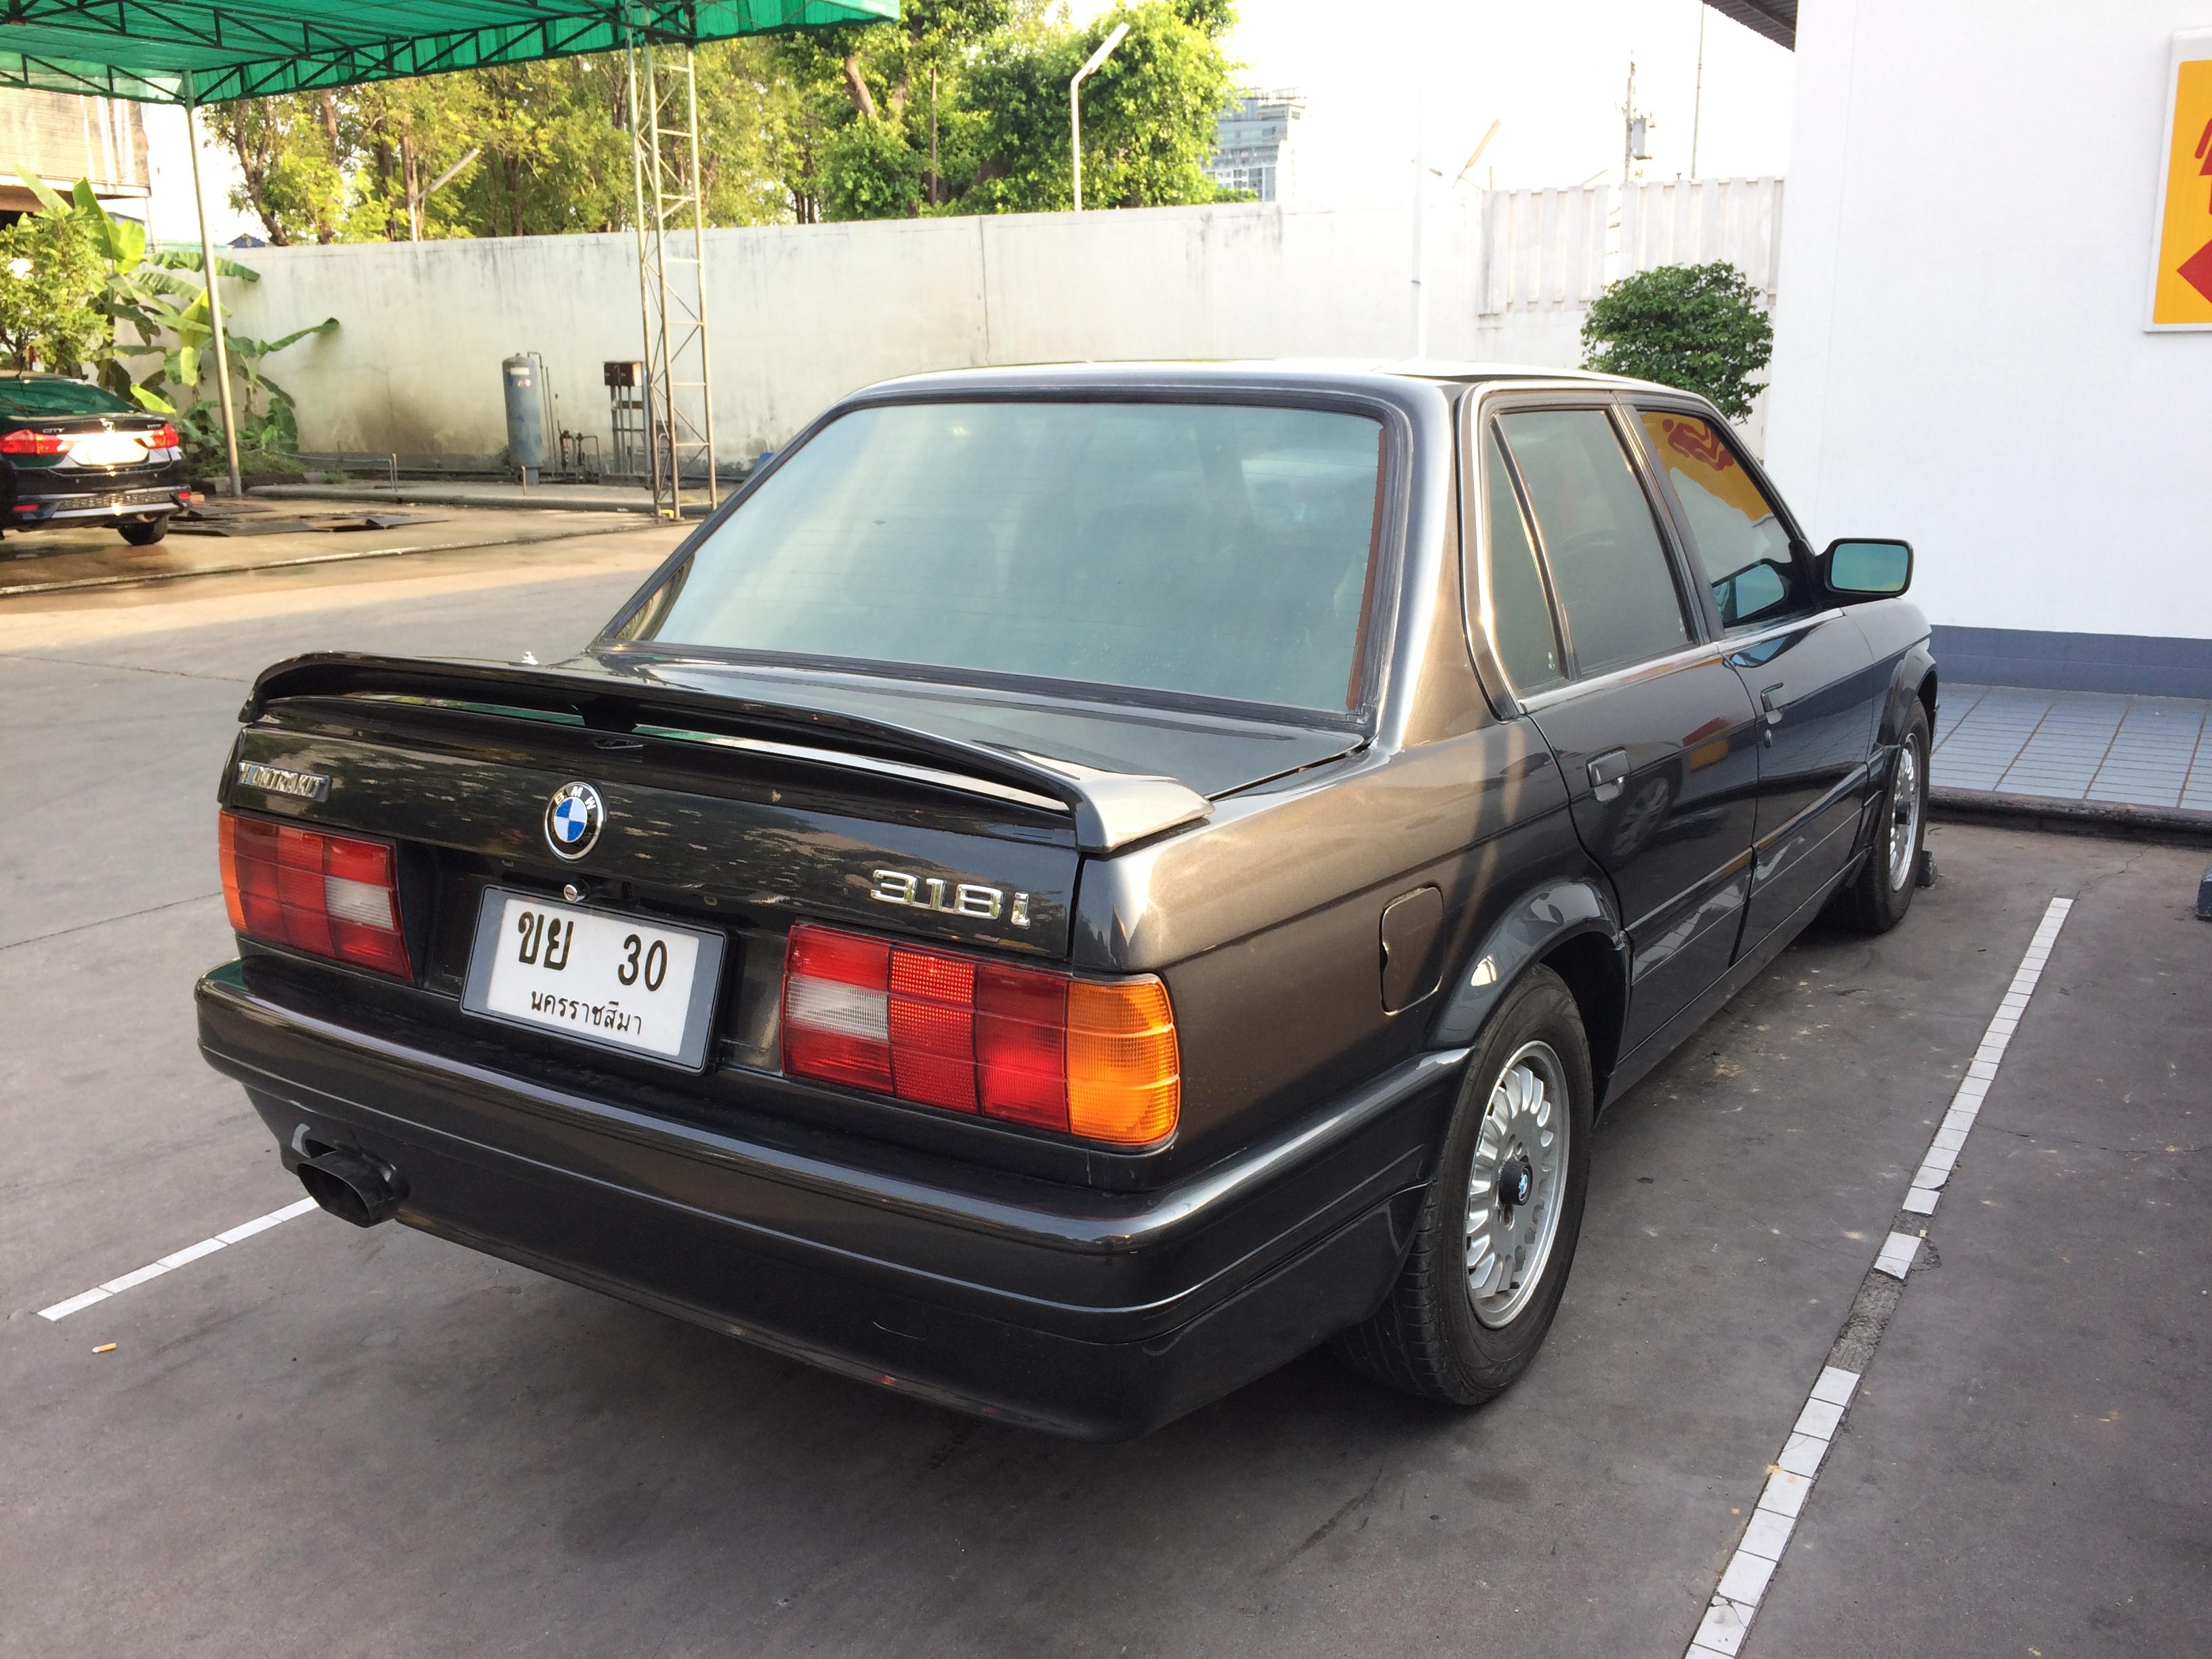 File1988 1989 Bmw 318i E30 Sedan 06 03 2018 03jpg Wikimedia